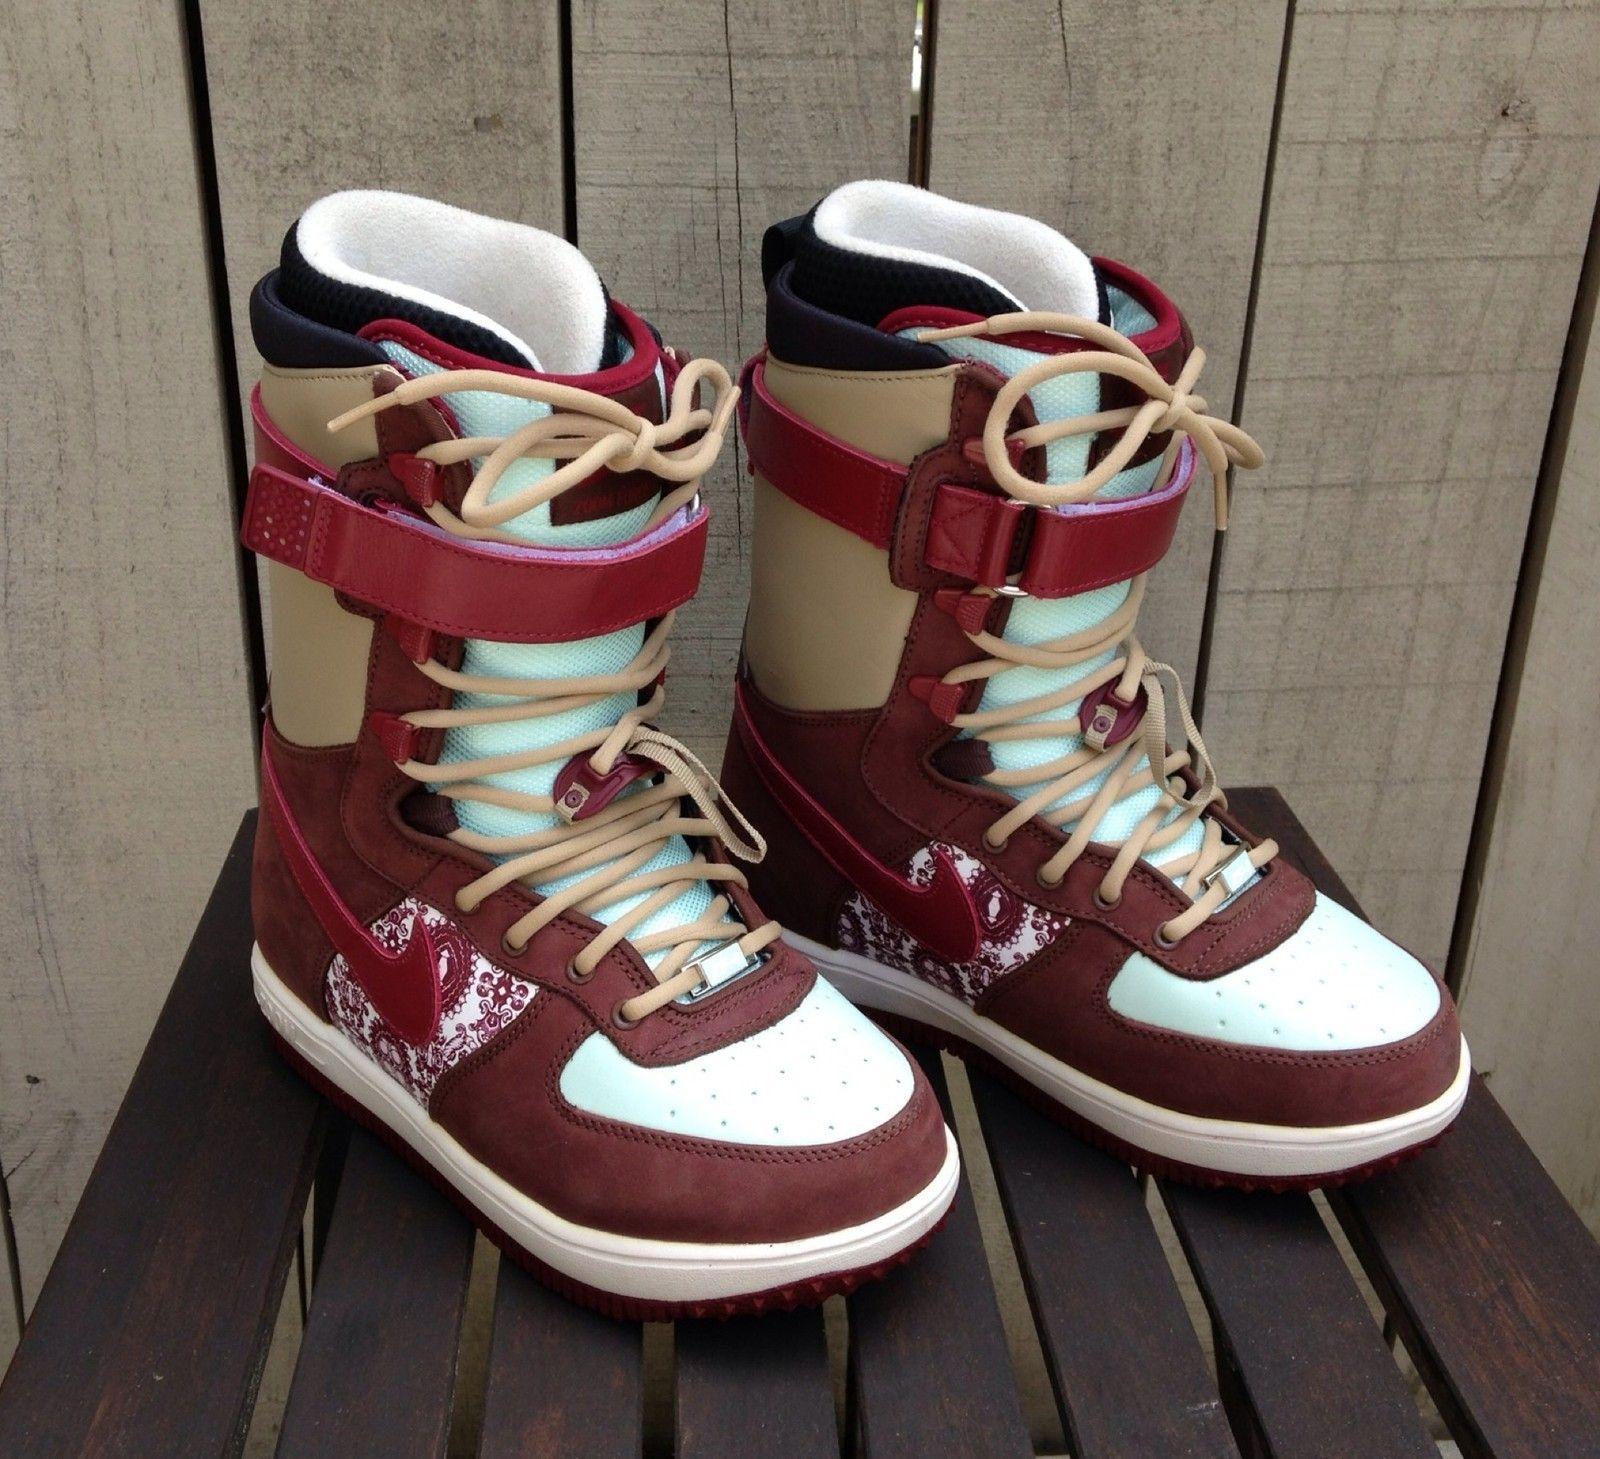 Nike Zoom Force 1 Women's Snowboard Boots Women's Size 8